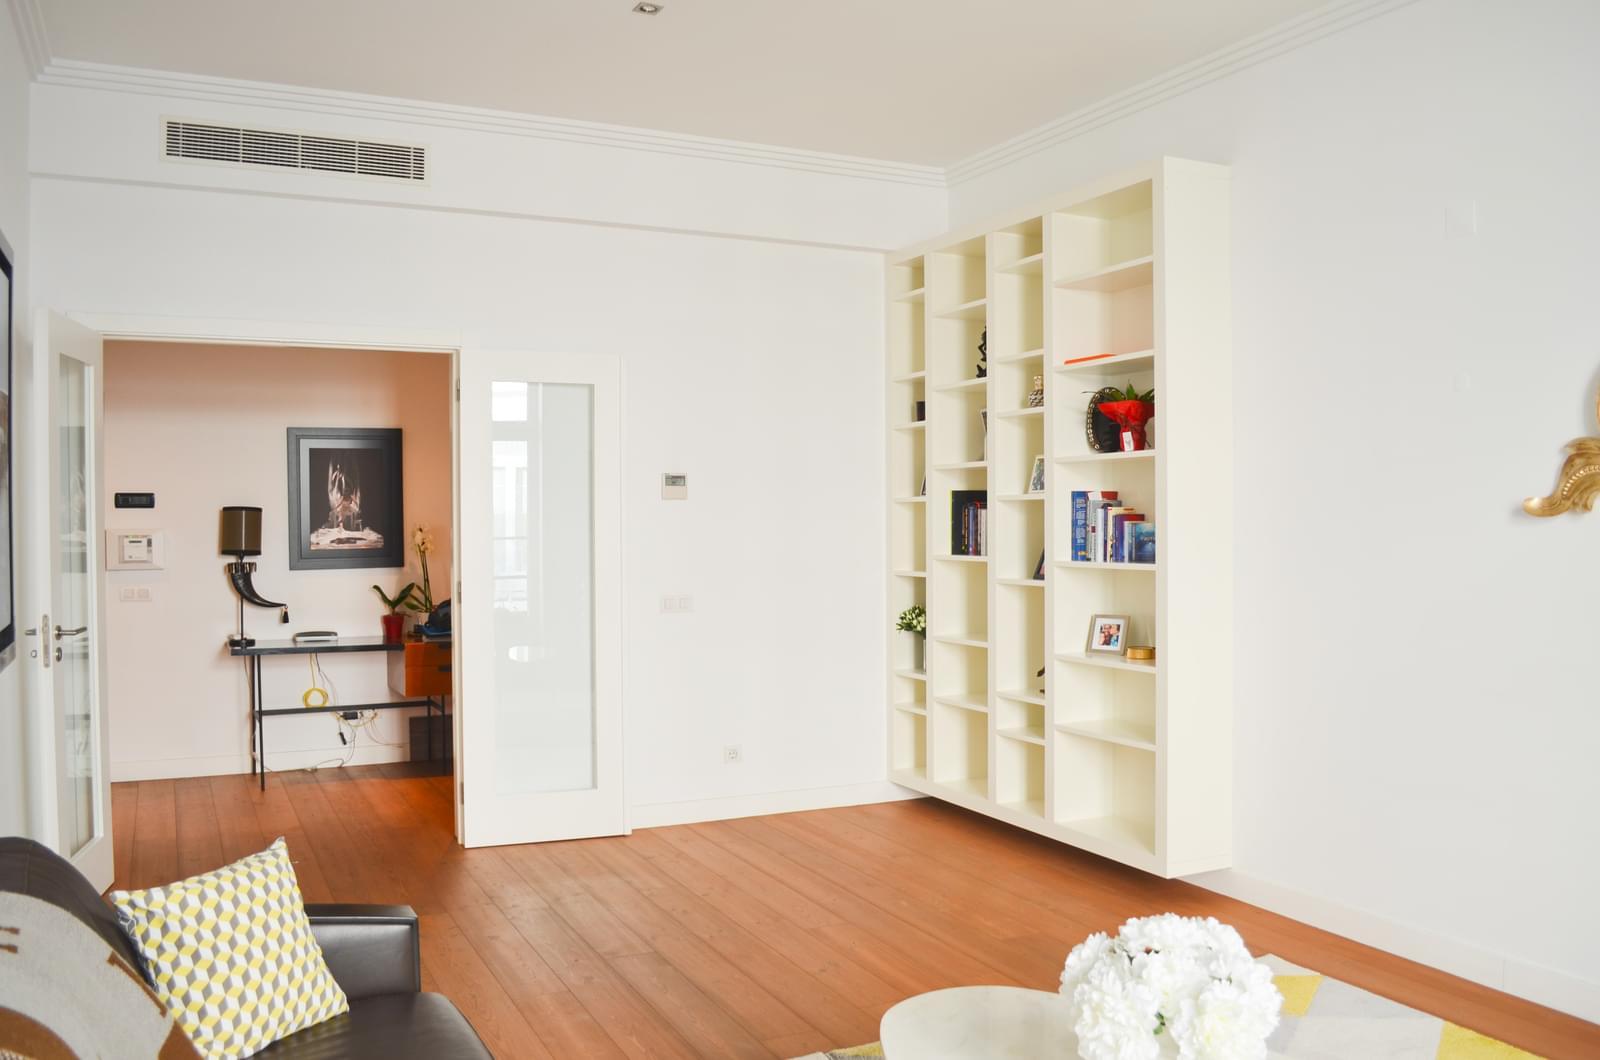 pf18712-apartamento-t2-lisboa-db678a94-b0e7-4ff1-8c4c-0e5daccab50c